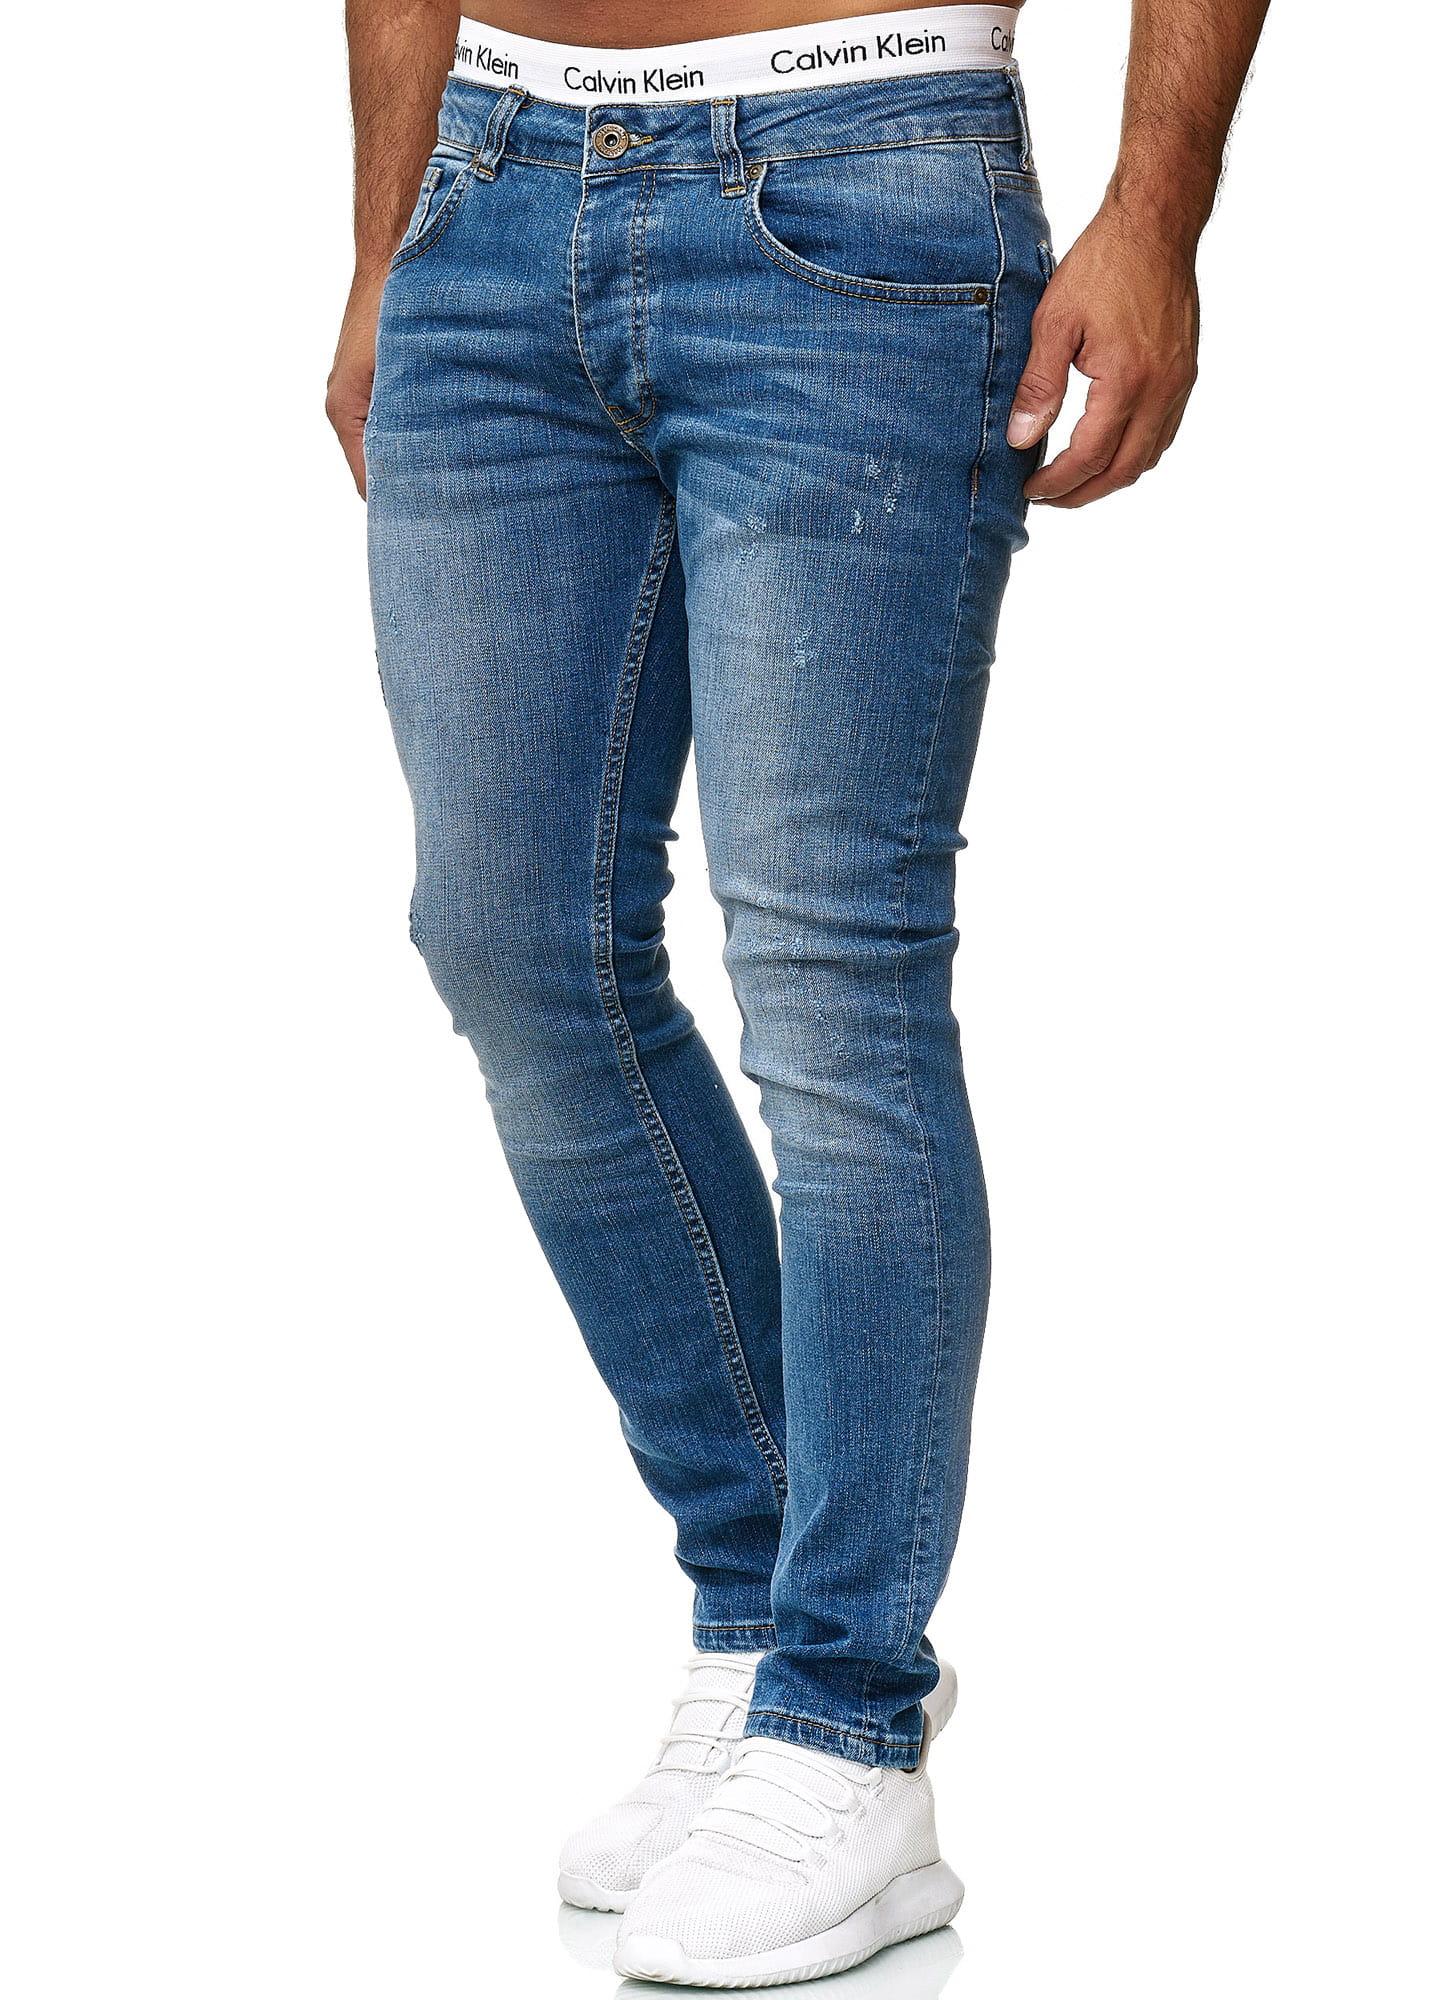 Herren Jeans Hose Slim Fit Männer Skinny Denim